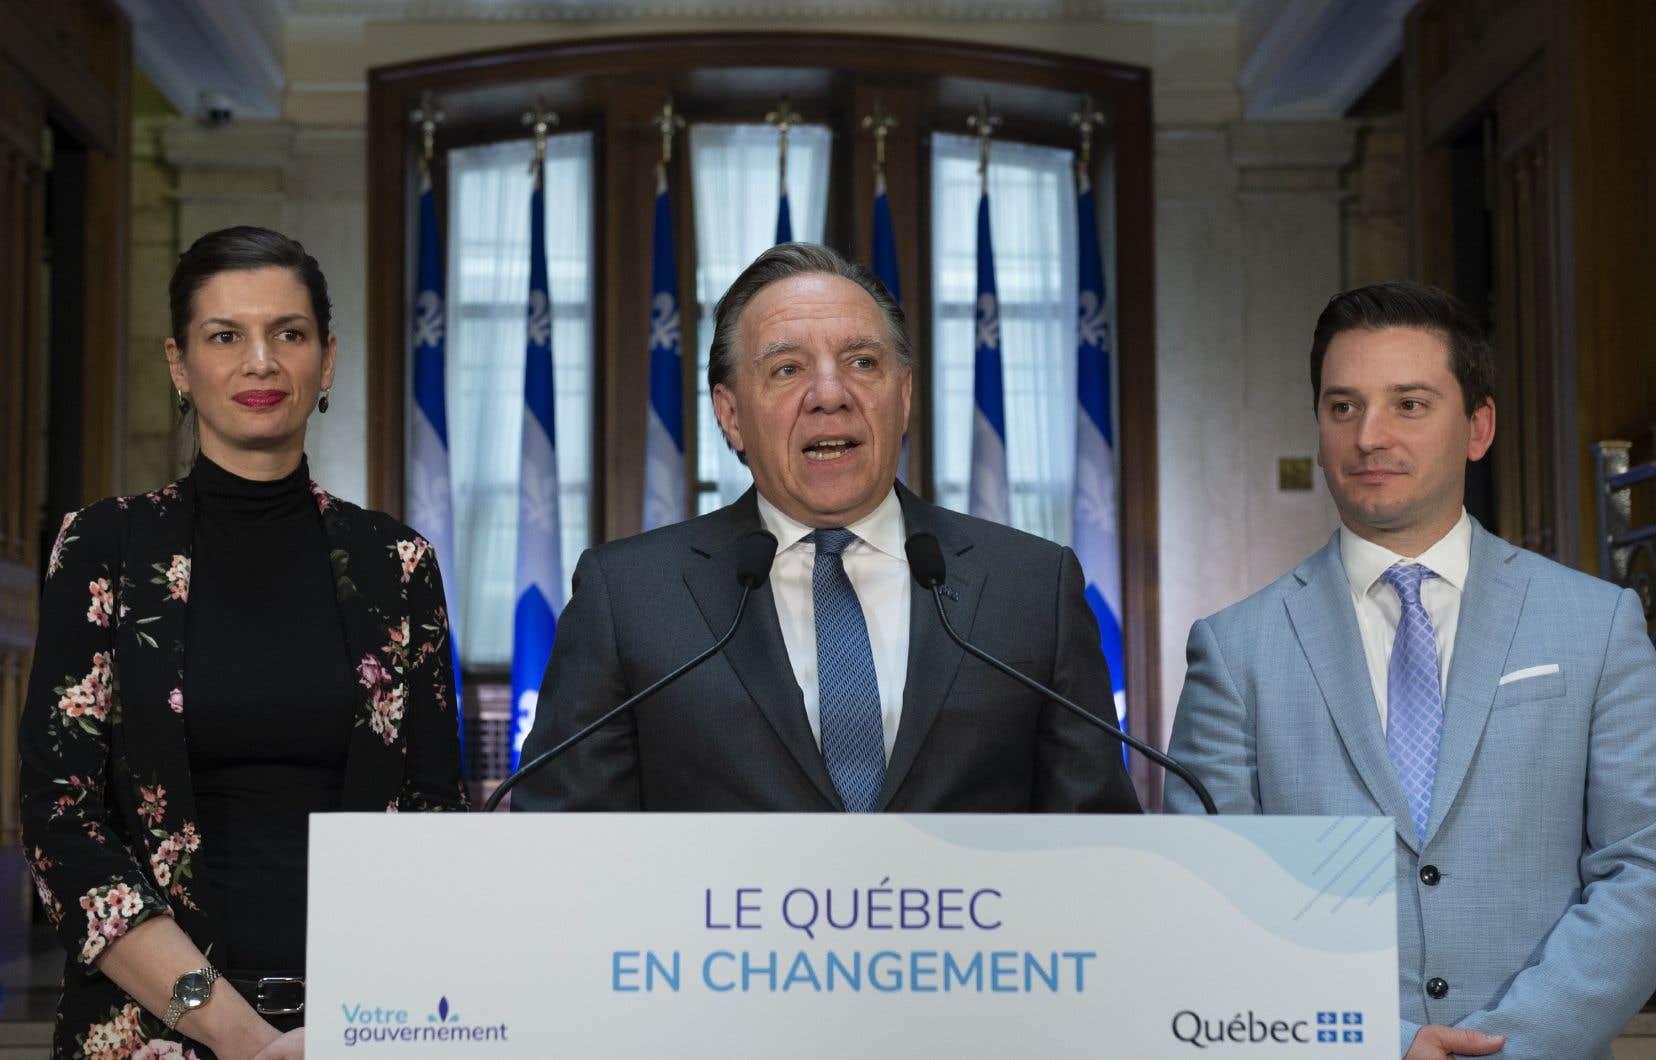 Le premier ministre François Legault flanqué de la vice première-ministre, Geneviève Guilbault, et du ministre de l'Immigration, Simon Jolin-Barrette